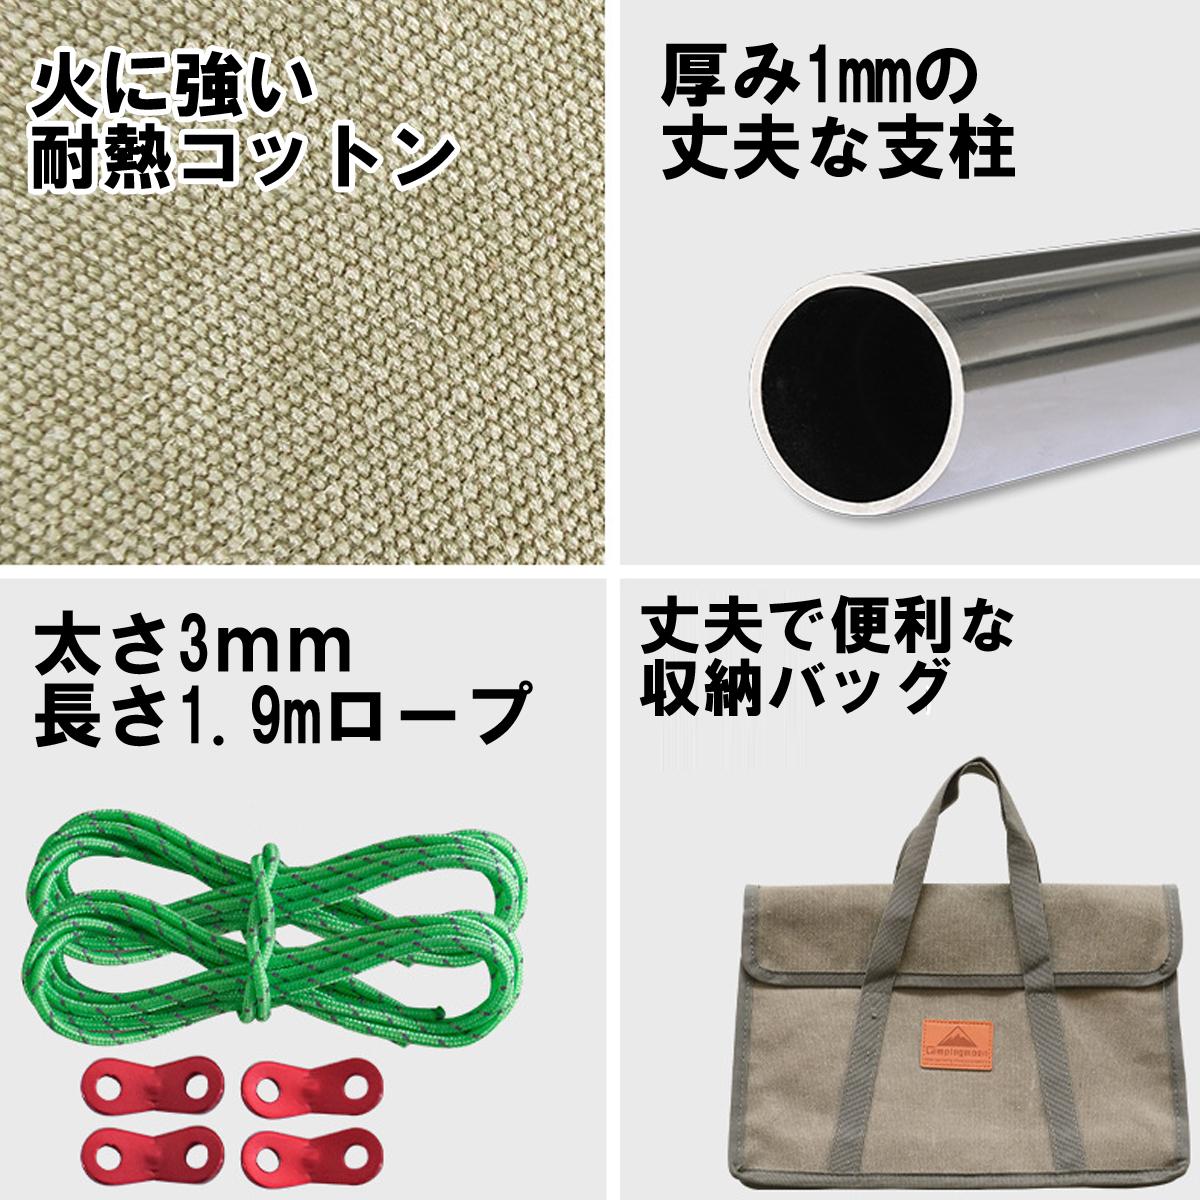 焚き火陣幕・リフレクター 耐熱コットン